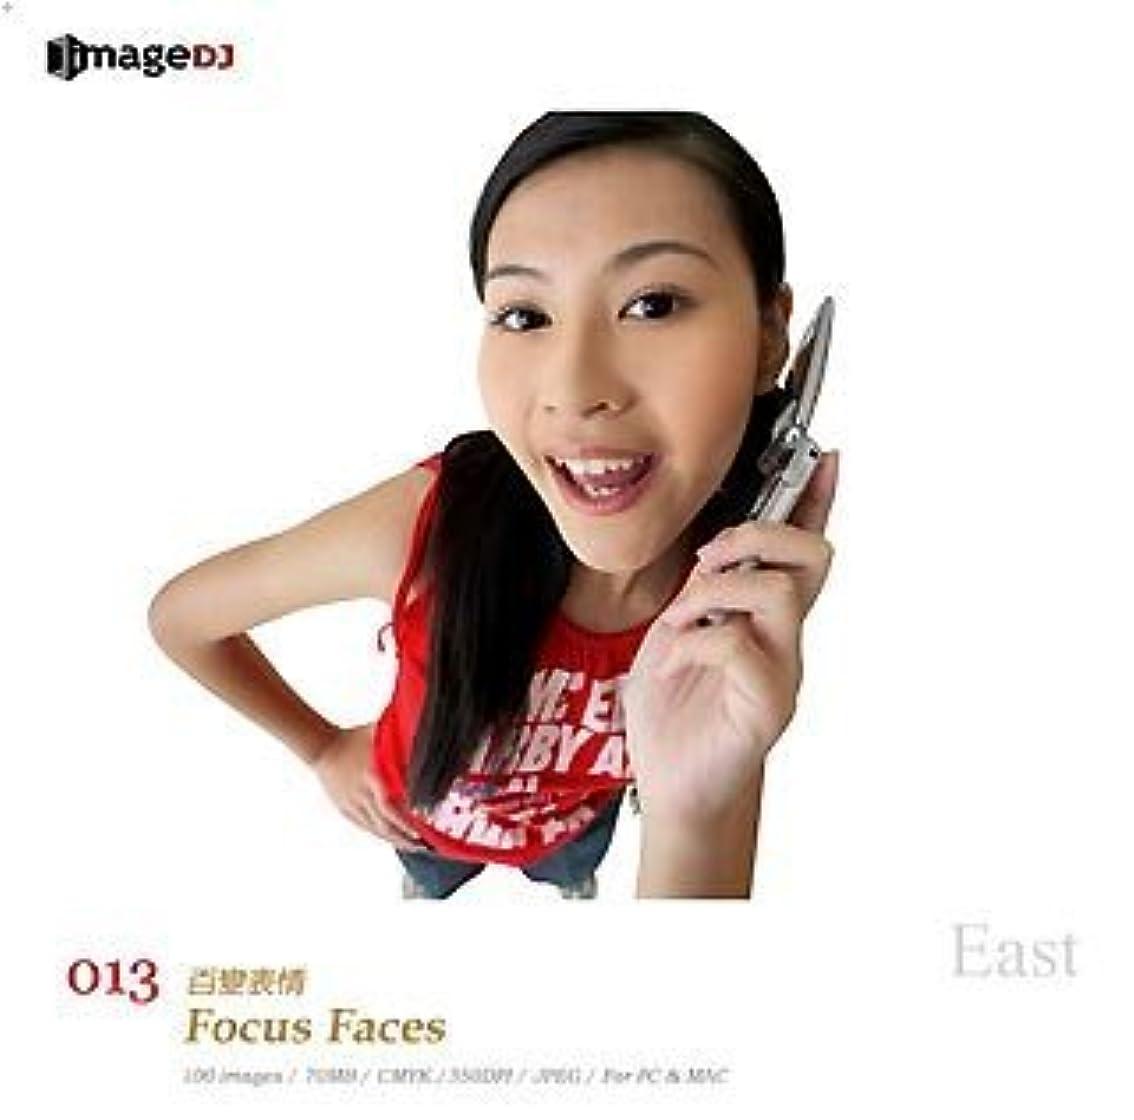 きゅうり玉解体するEAST vol.13 カメラ目線 Focus Faces